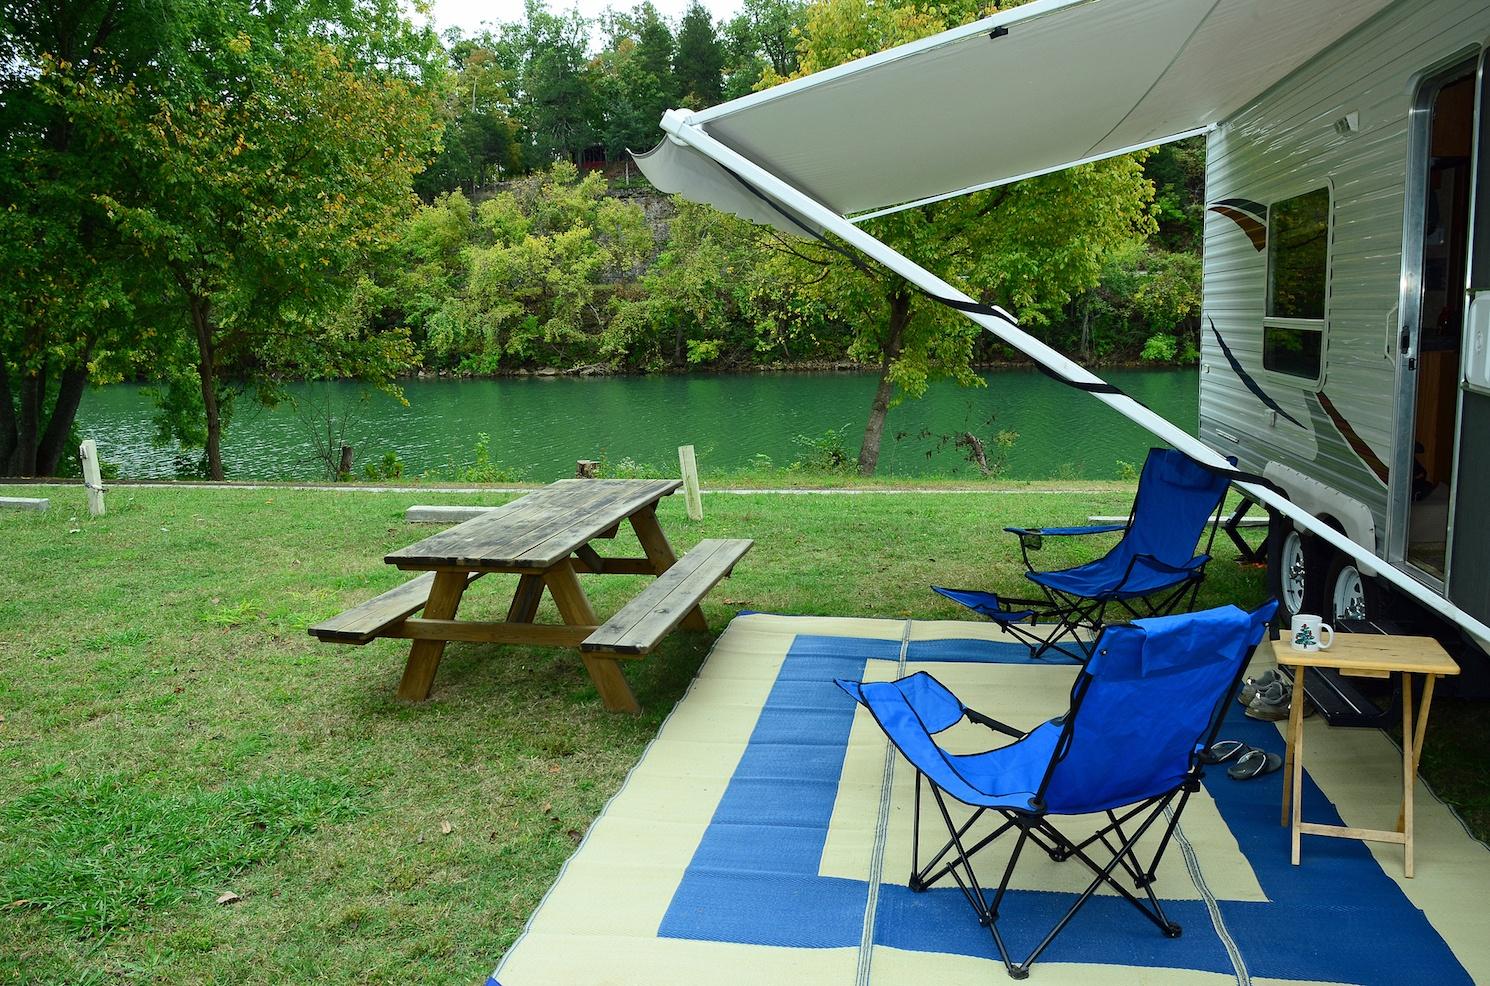 Riverside RV Campsite